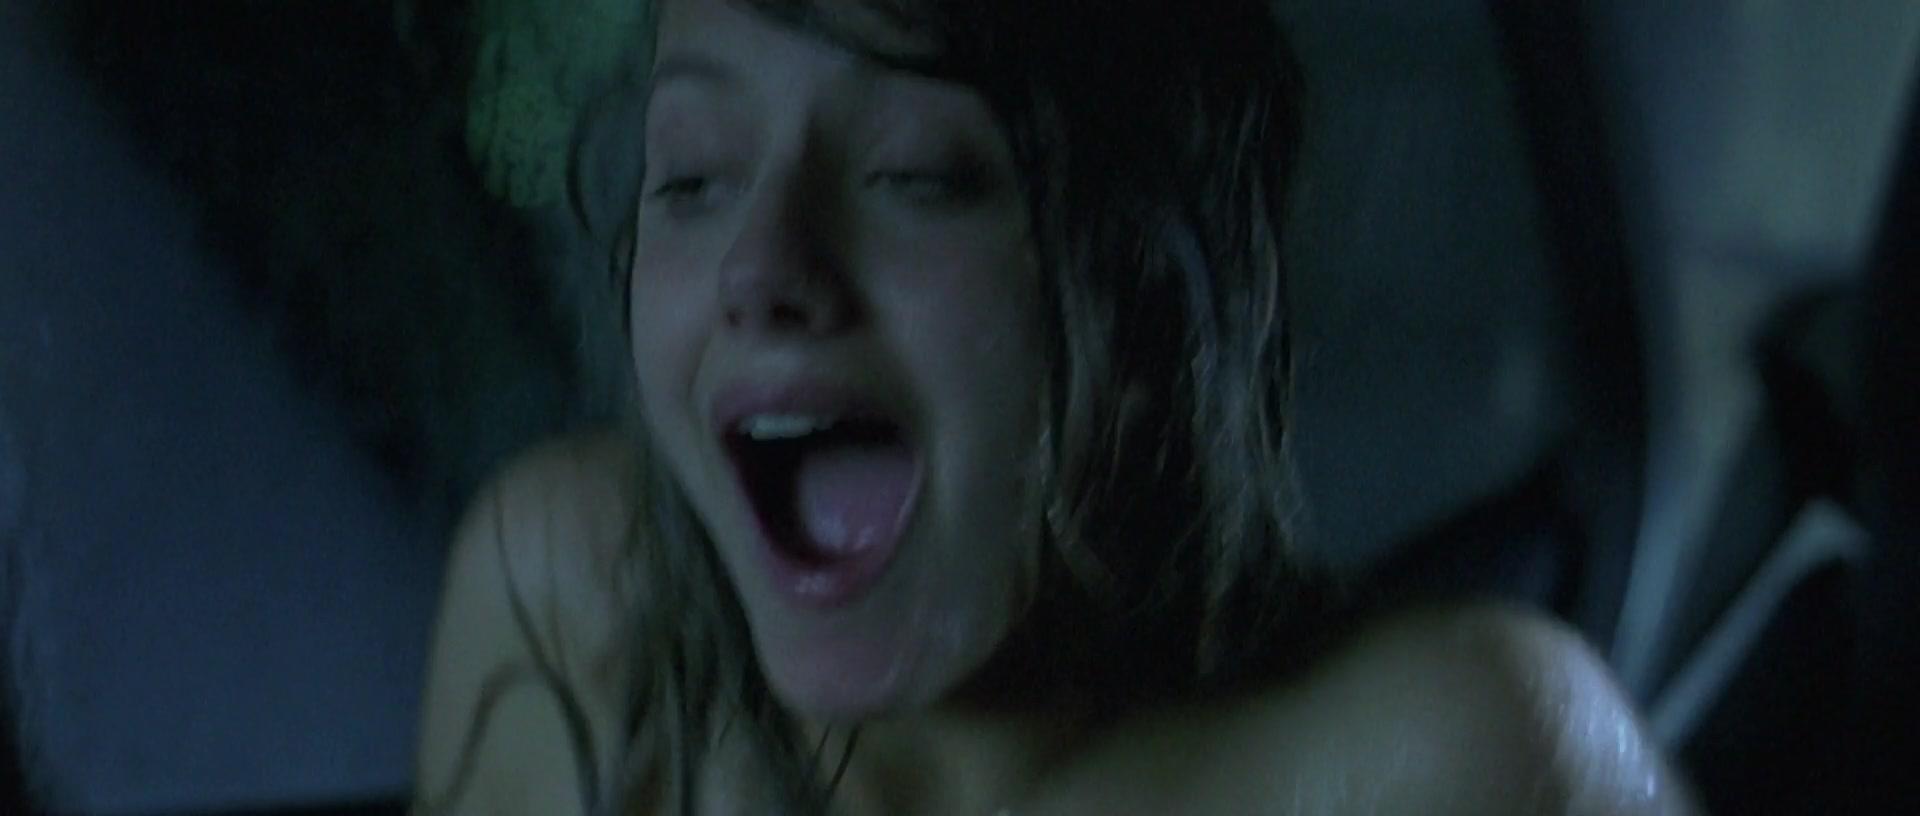 Melanie Laurent Naked Je Vais Bien Ne Ten Fais Pas 2006 Nude